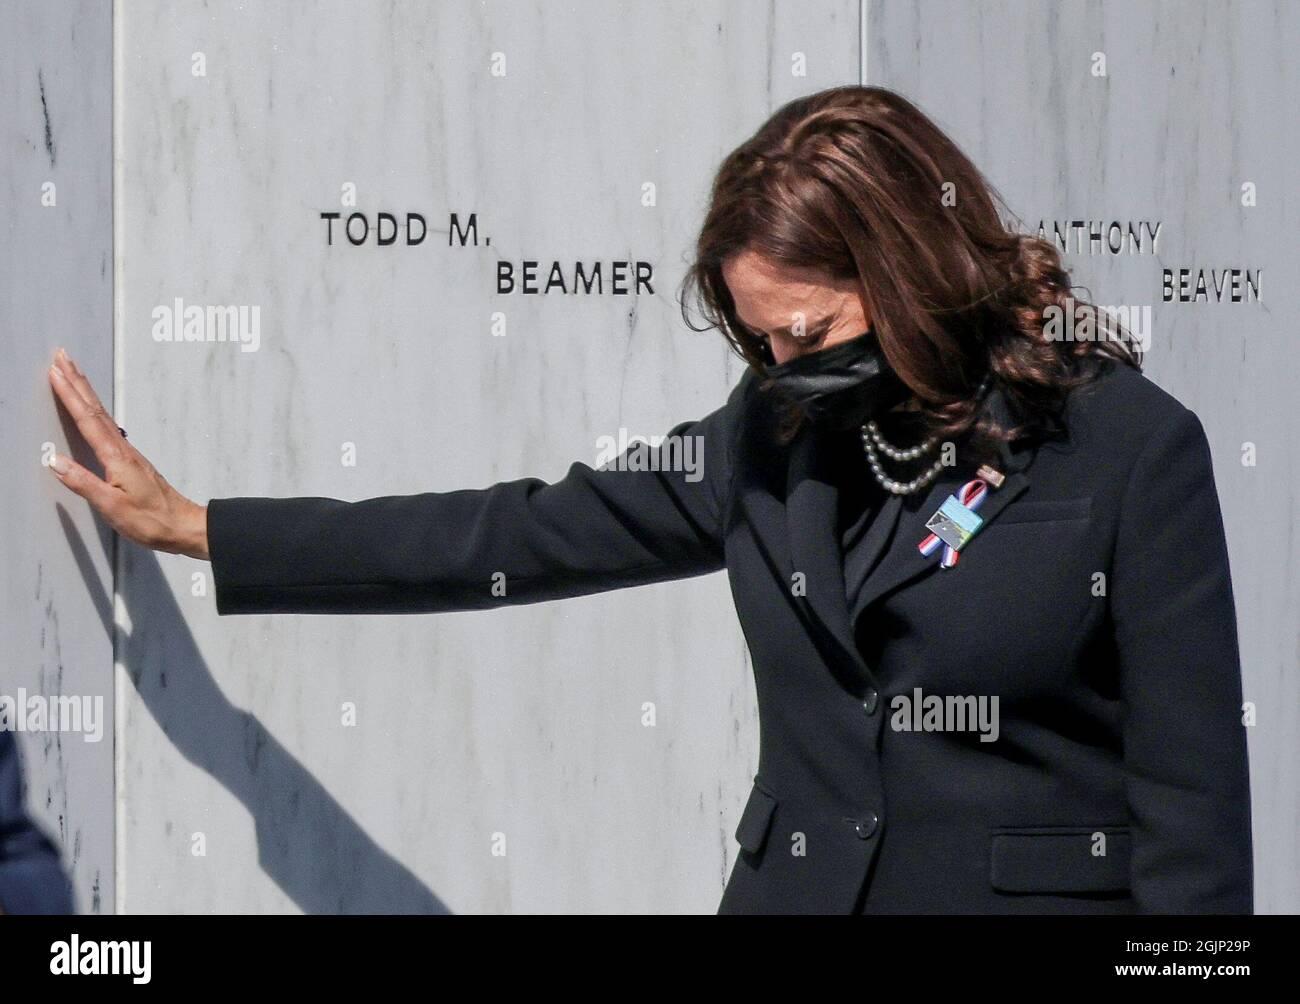 Il Vice Presidente degli Stati Uniti Kamala Harris tocca il Flight 93 National Memorial durante un evento commemorativo del 20° anniversario degli attacchi del 11 settembre 2001, a Stoystown, Pennsylvania, Stati Uniti, Settembre 11, 2021. REUTERS/Evelyn Hockstein Foto Stock